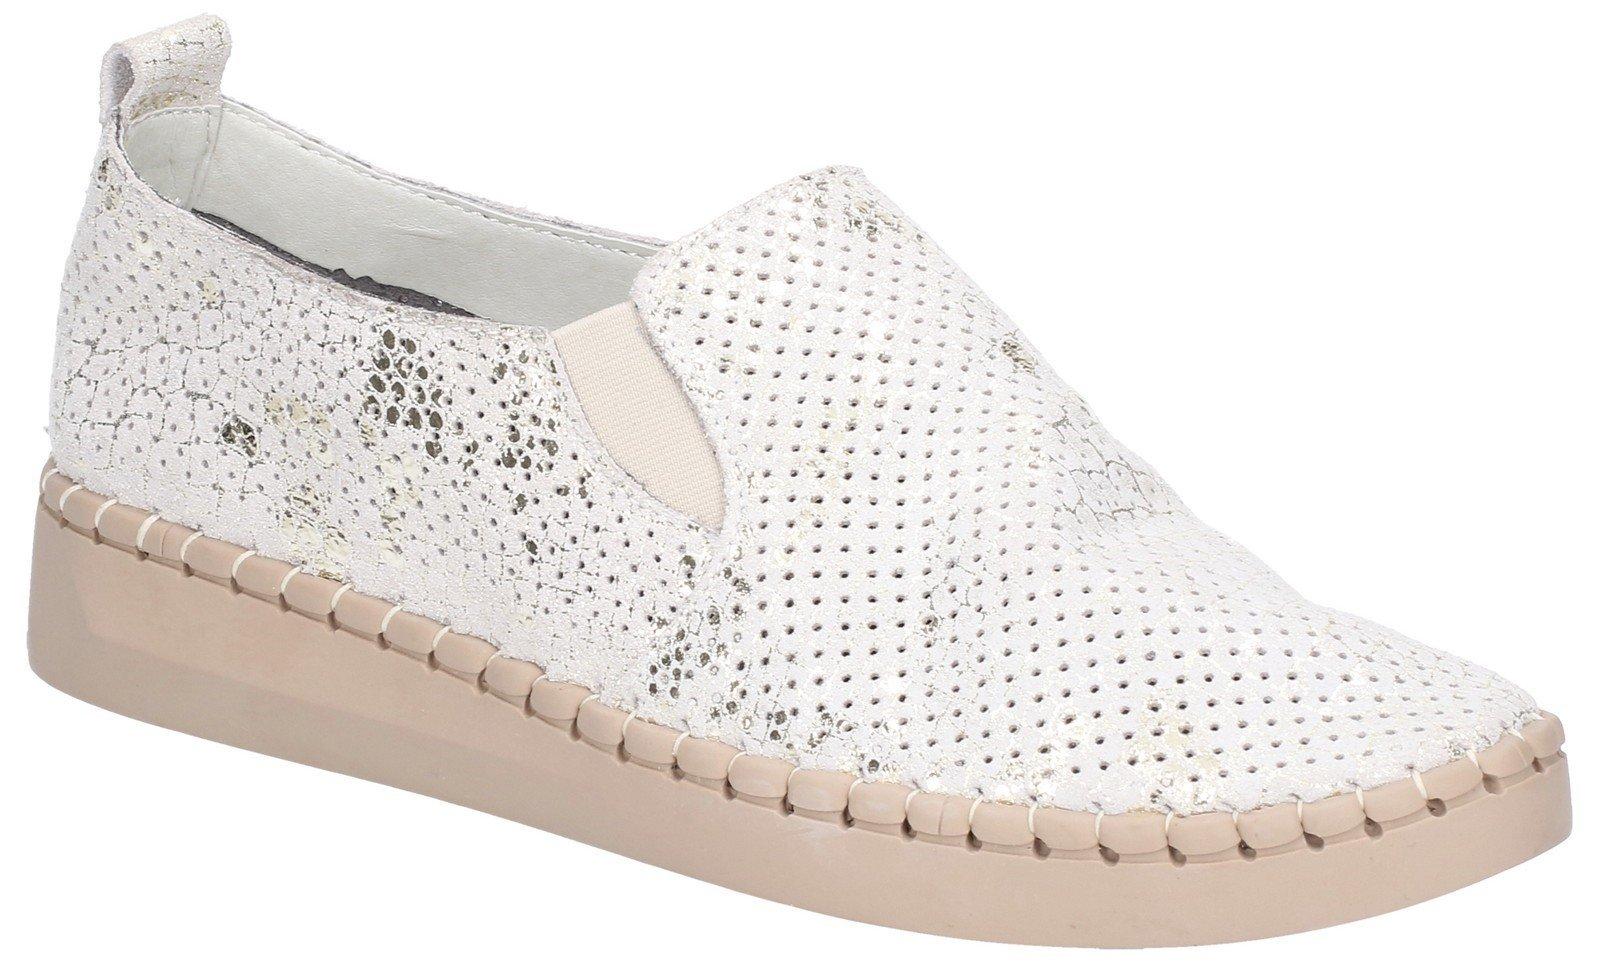 Fleet & Foster Women's Tulip Slip On Shoe White 28937-48937 - Beige 3